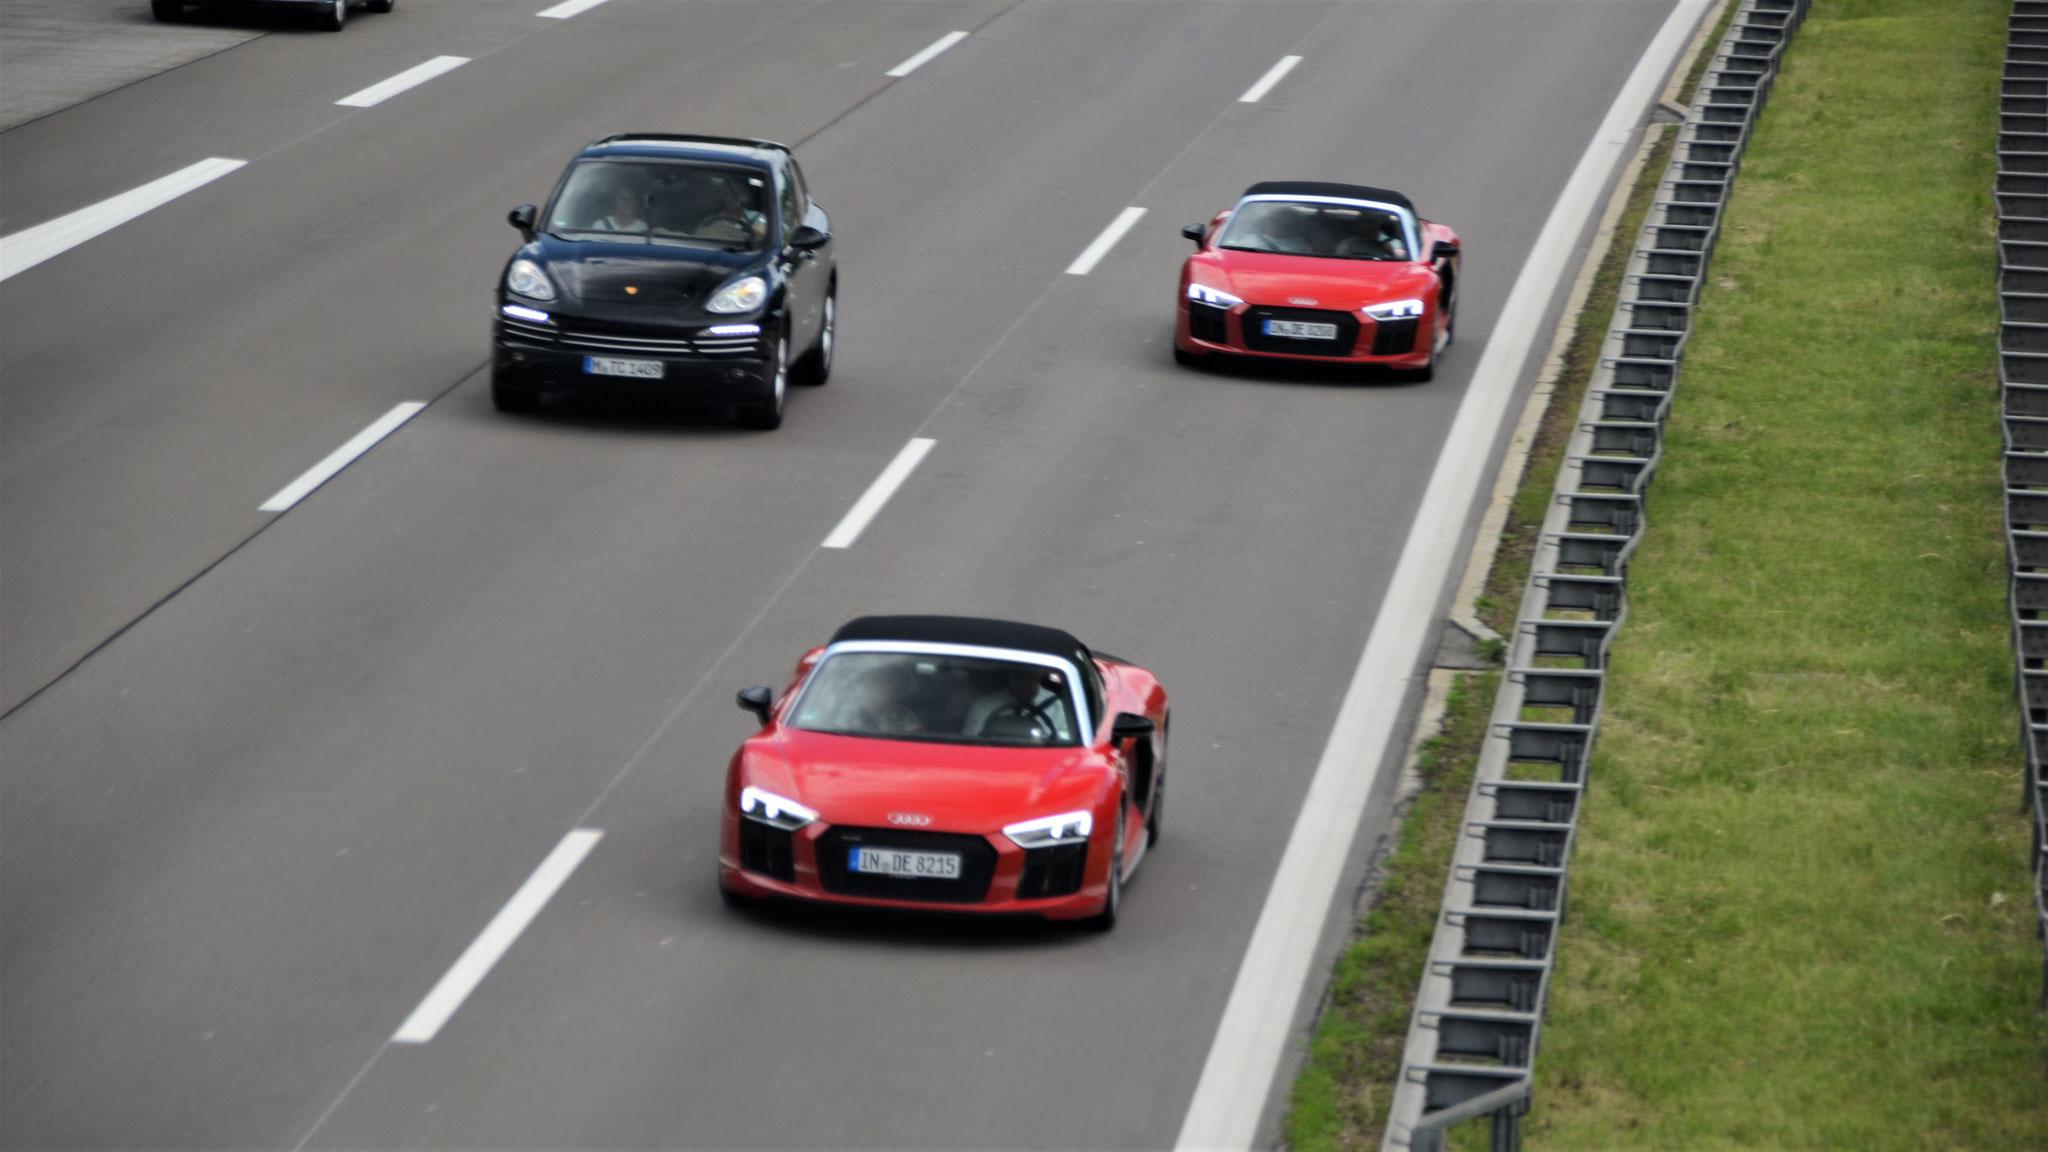 Audi R8 V10 Spyder - IN-DE-8215